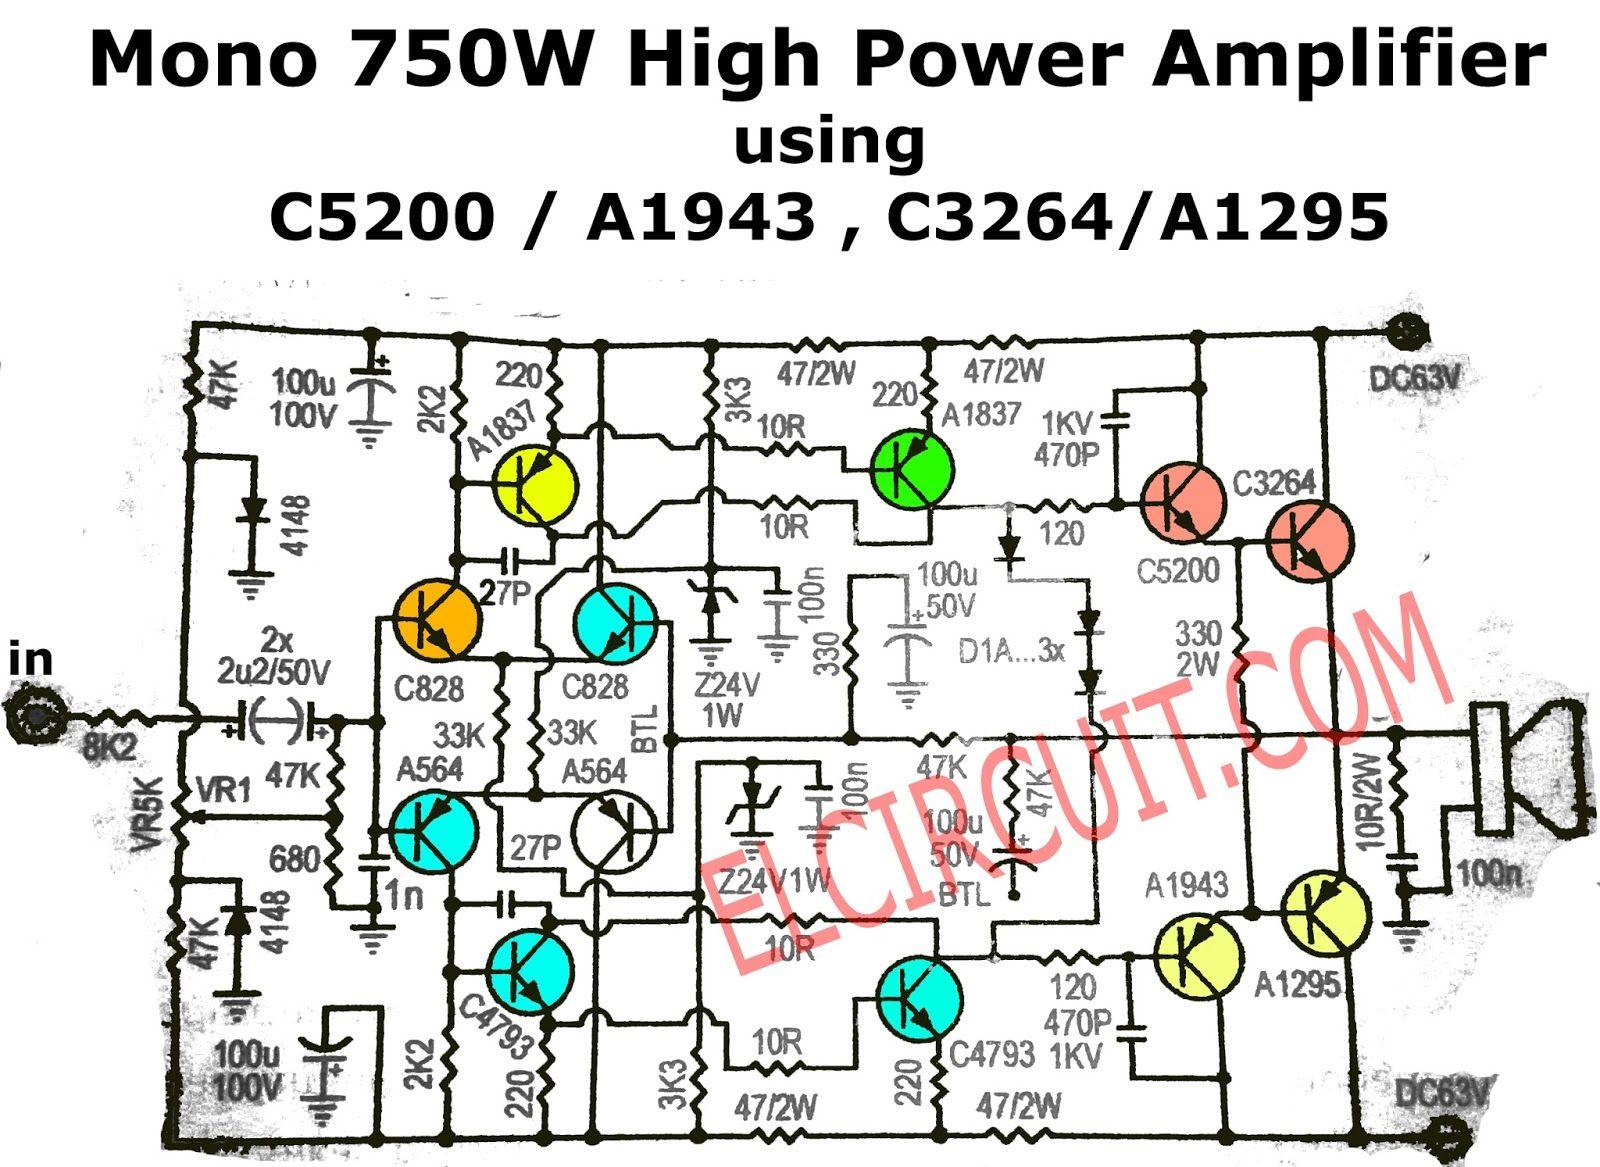 medium resolution of 750w mono power amplifier schematic diagram